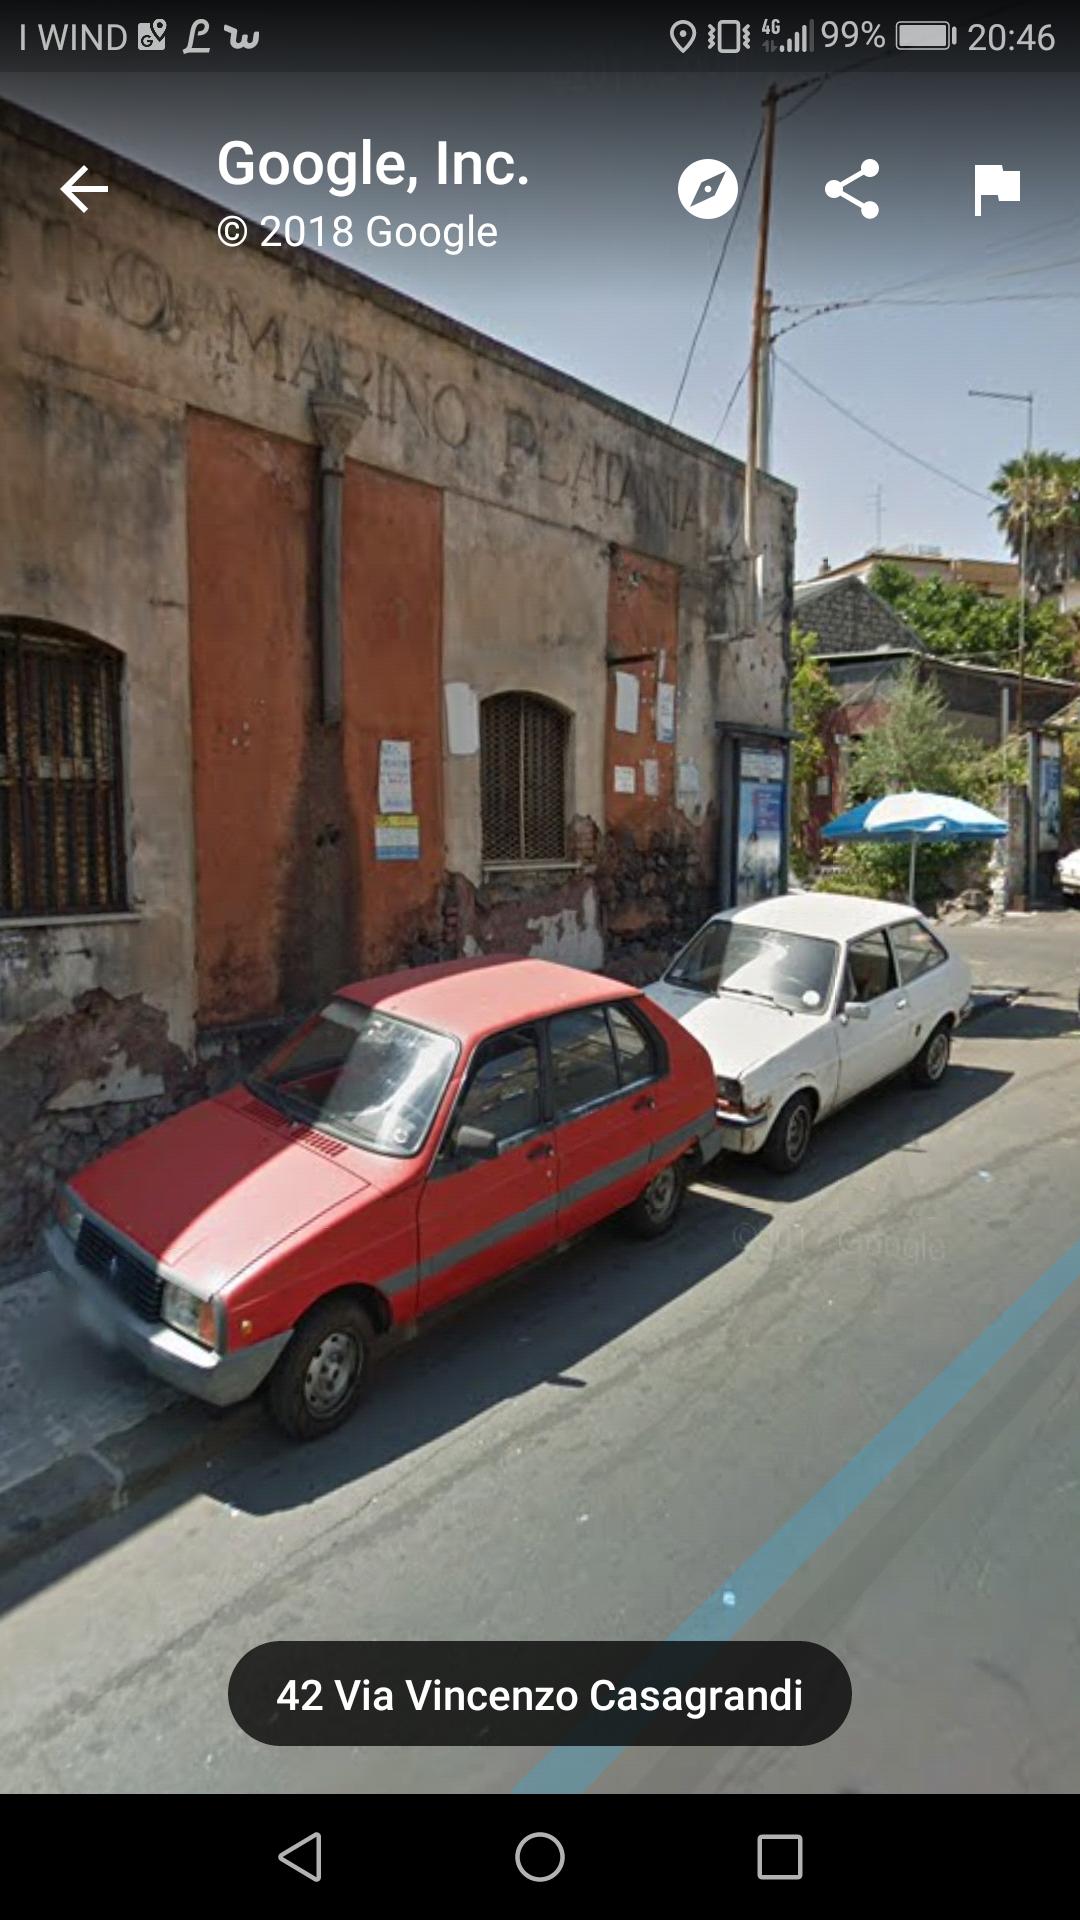 Auto  storiche da Google Maps - Pagina 10 Via-Vincenzo-Casagrandi-Catania-2